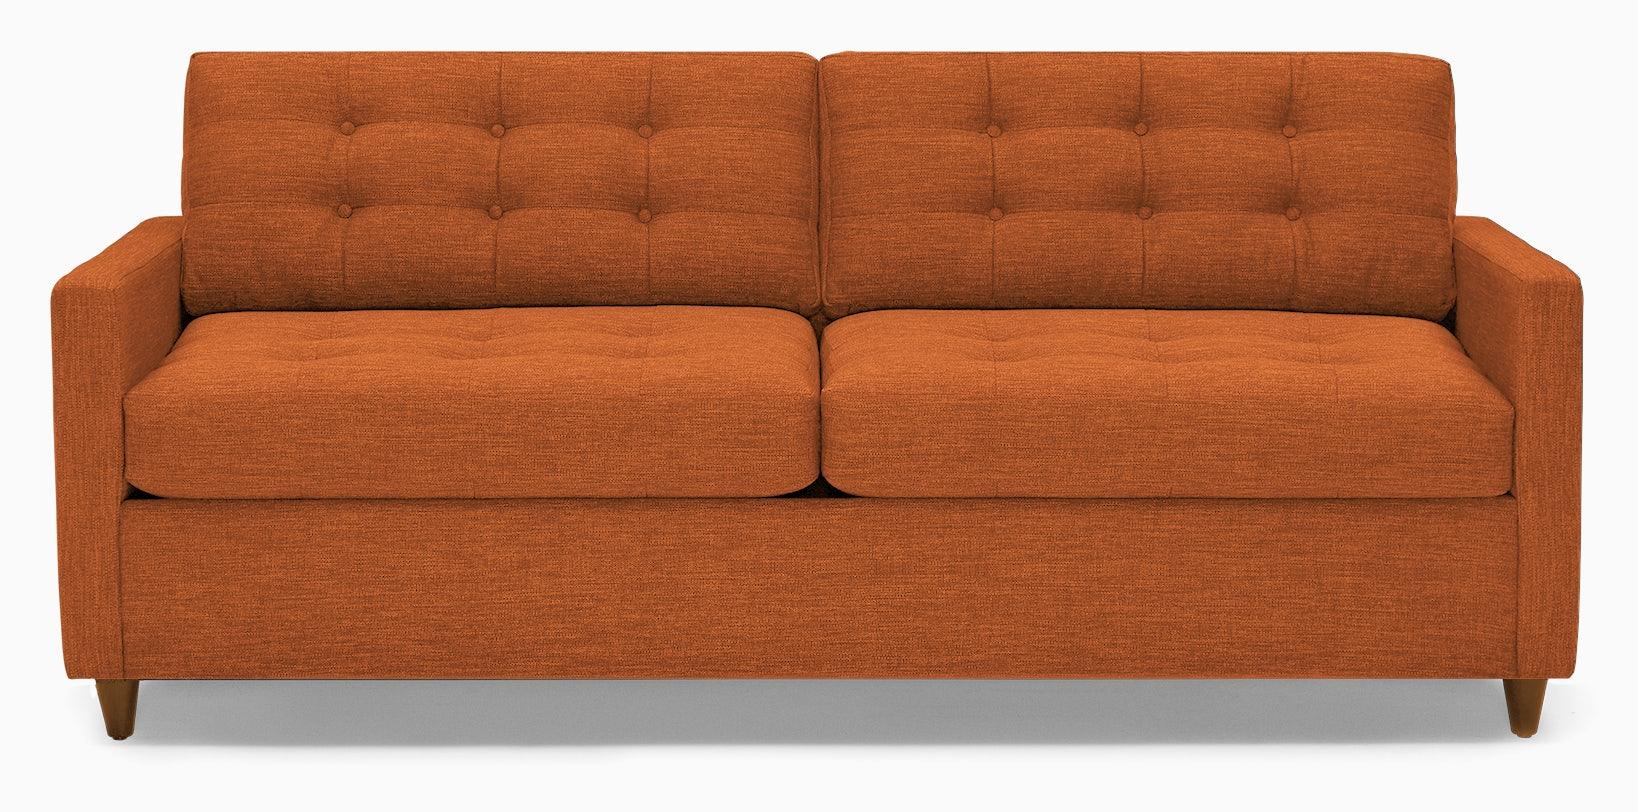 eliot sleeper sofa vibe sunkist